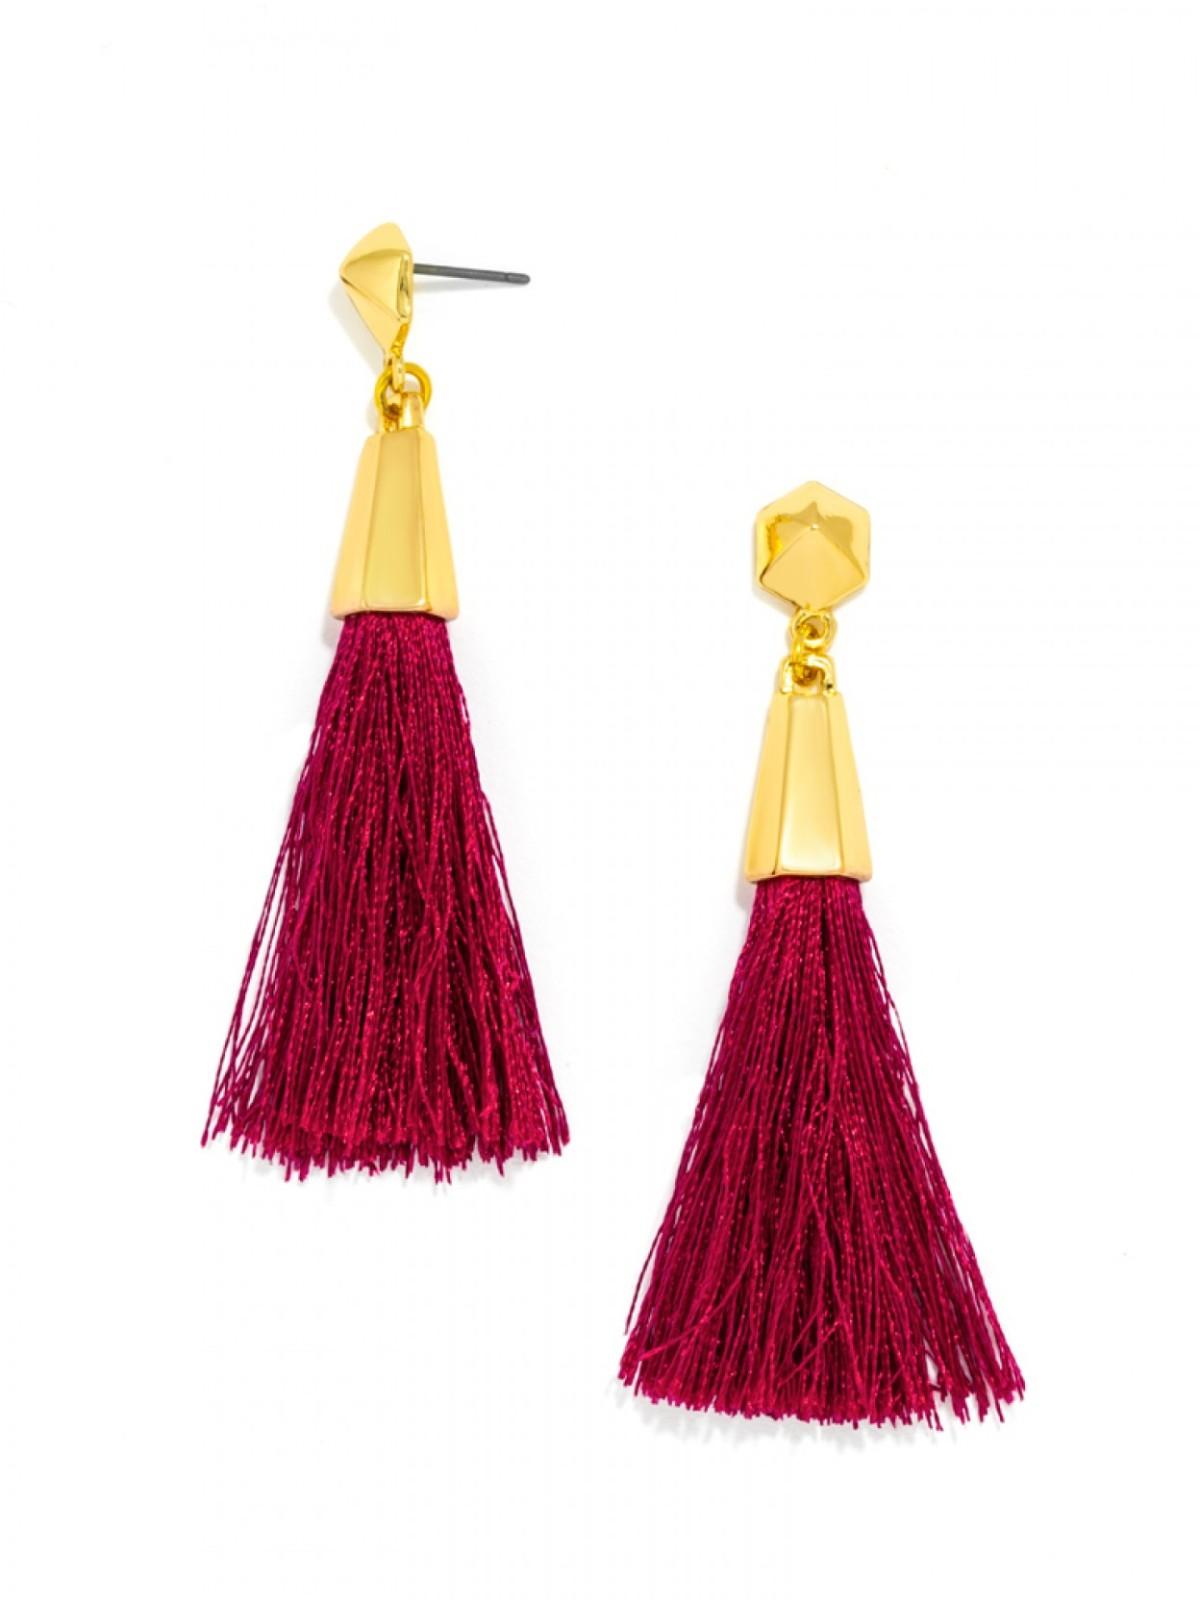 Baublebar Tassel earrings |www.pearlsandsportsbras.com|